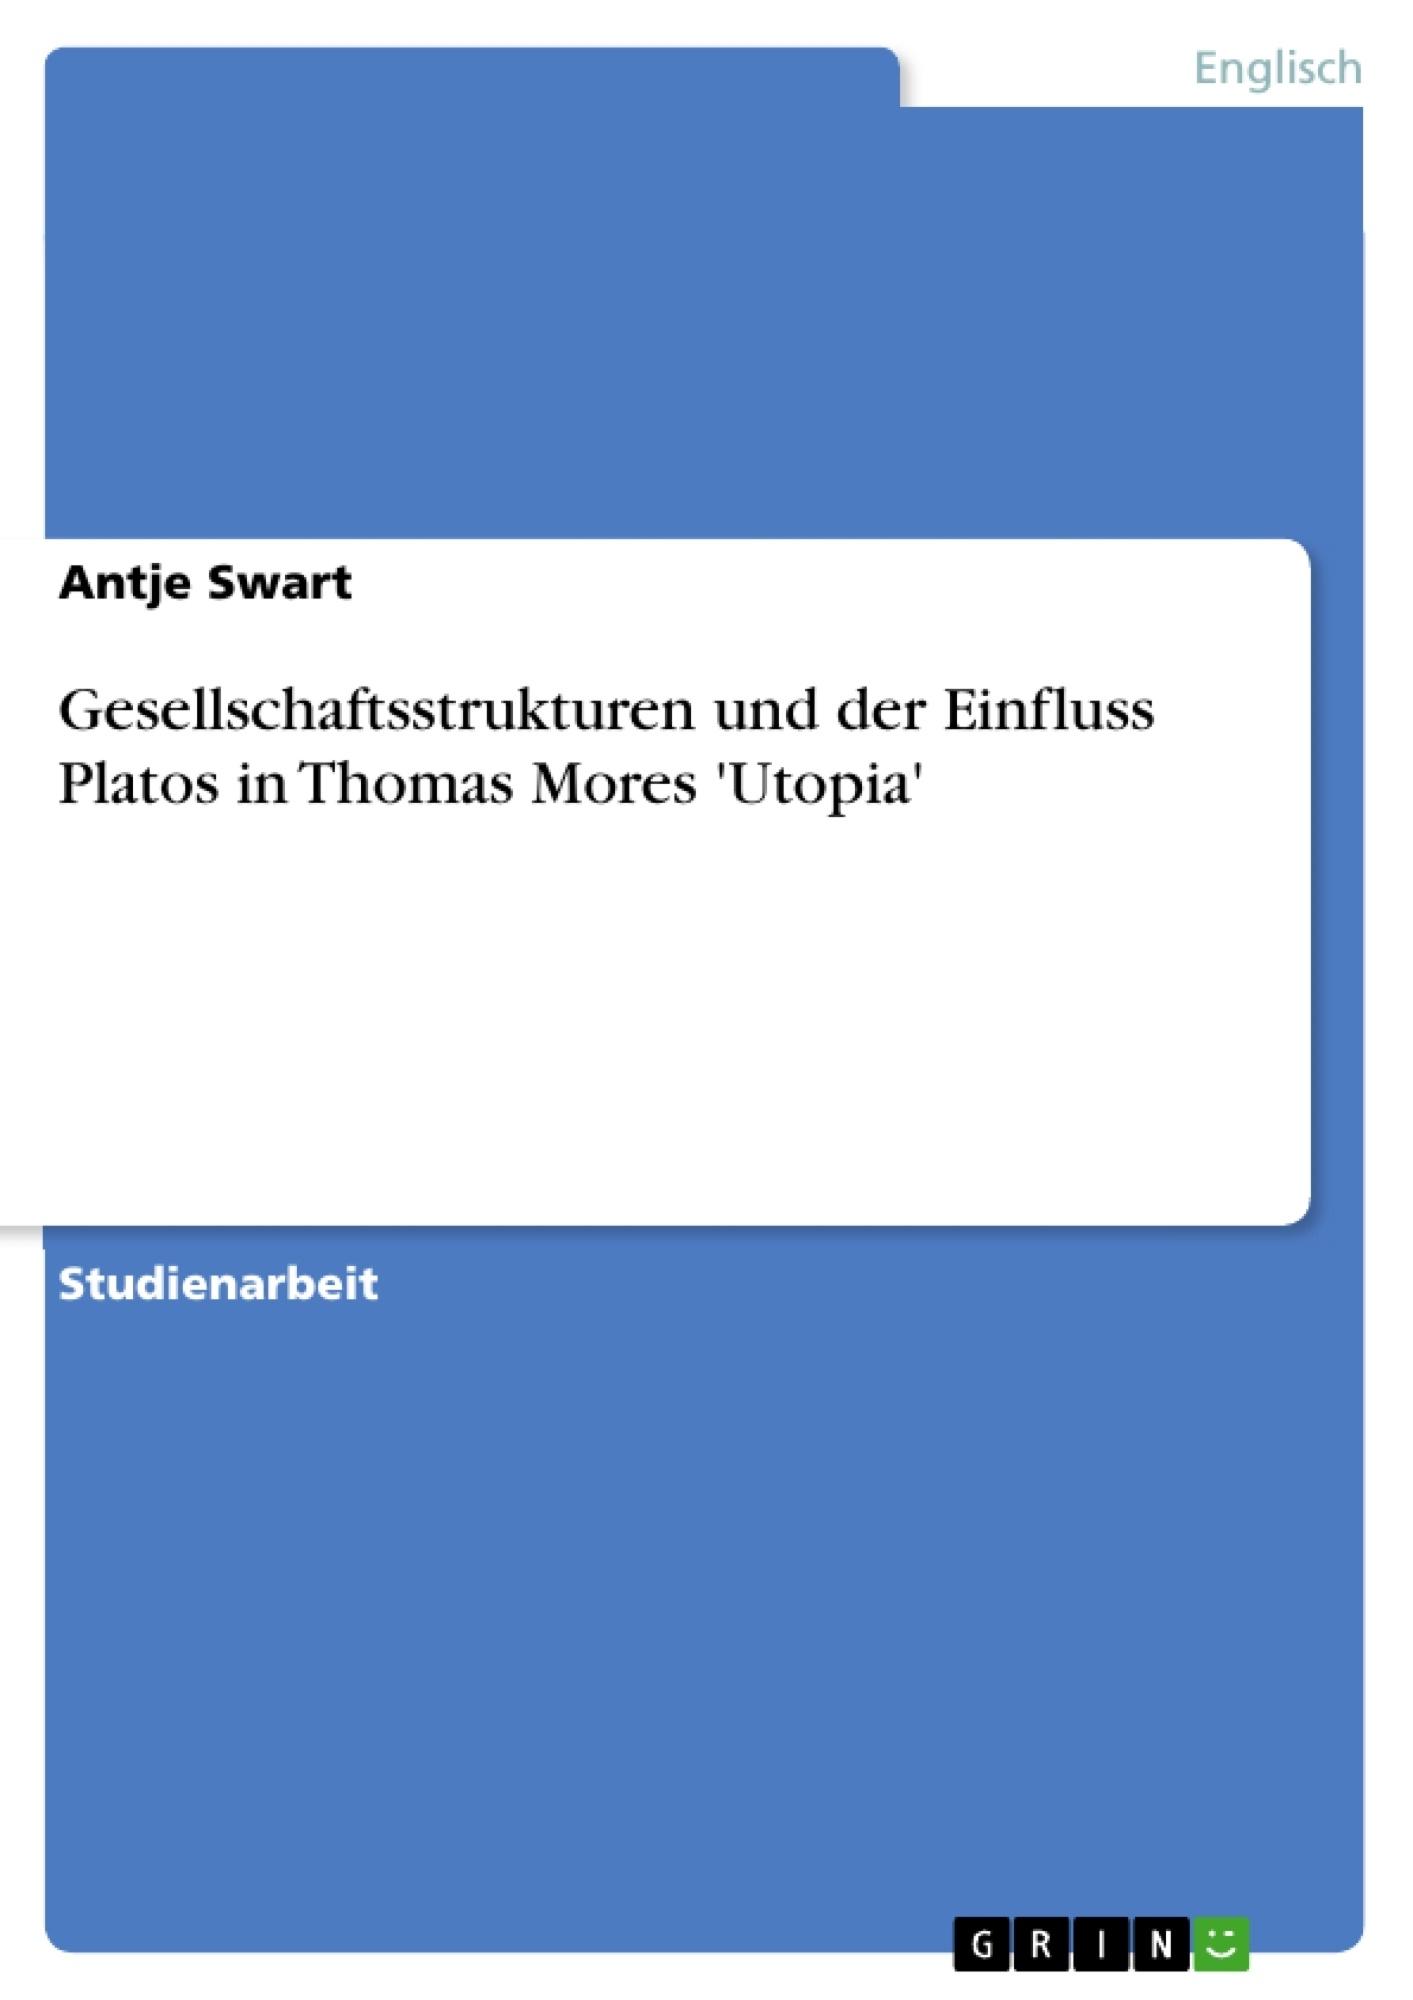 Titel: Gesellschaftsstrukturen und der Einfluss Platos in Thomas Mores 'Utopia'